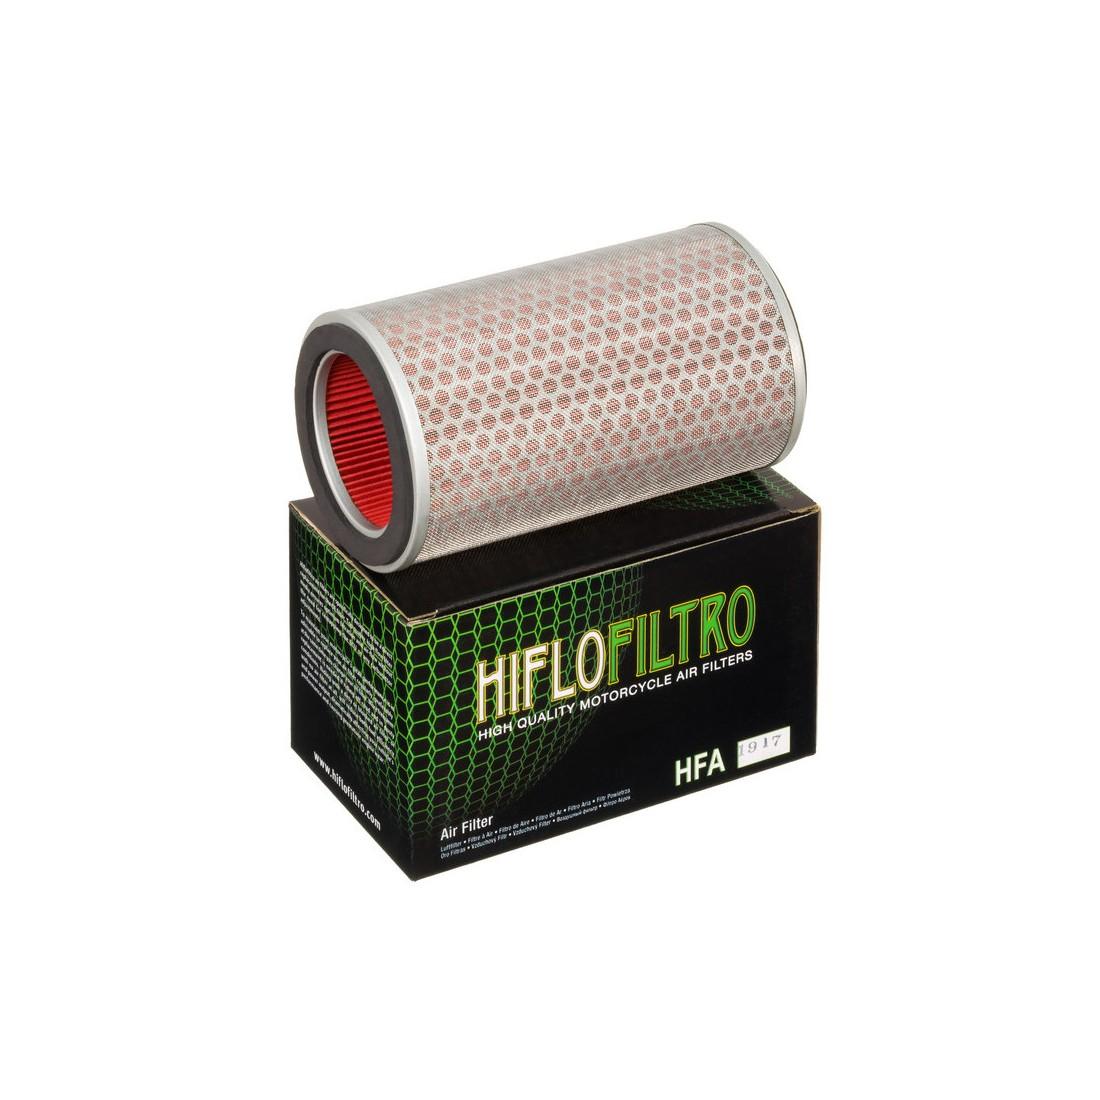 Filtro Aire Hiflofiltro HFA1917